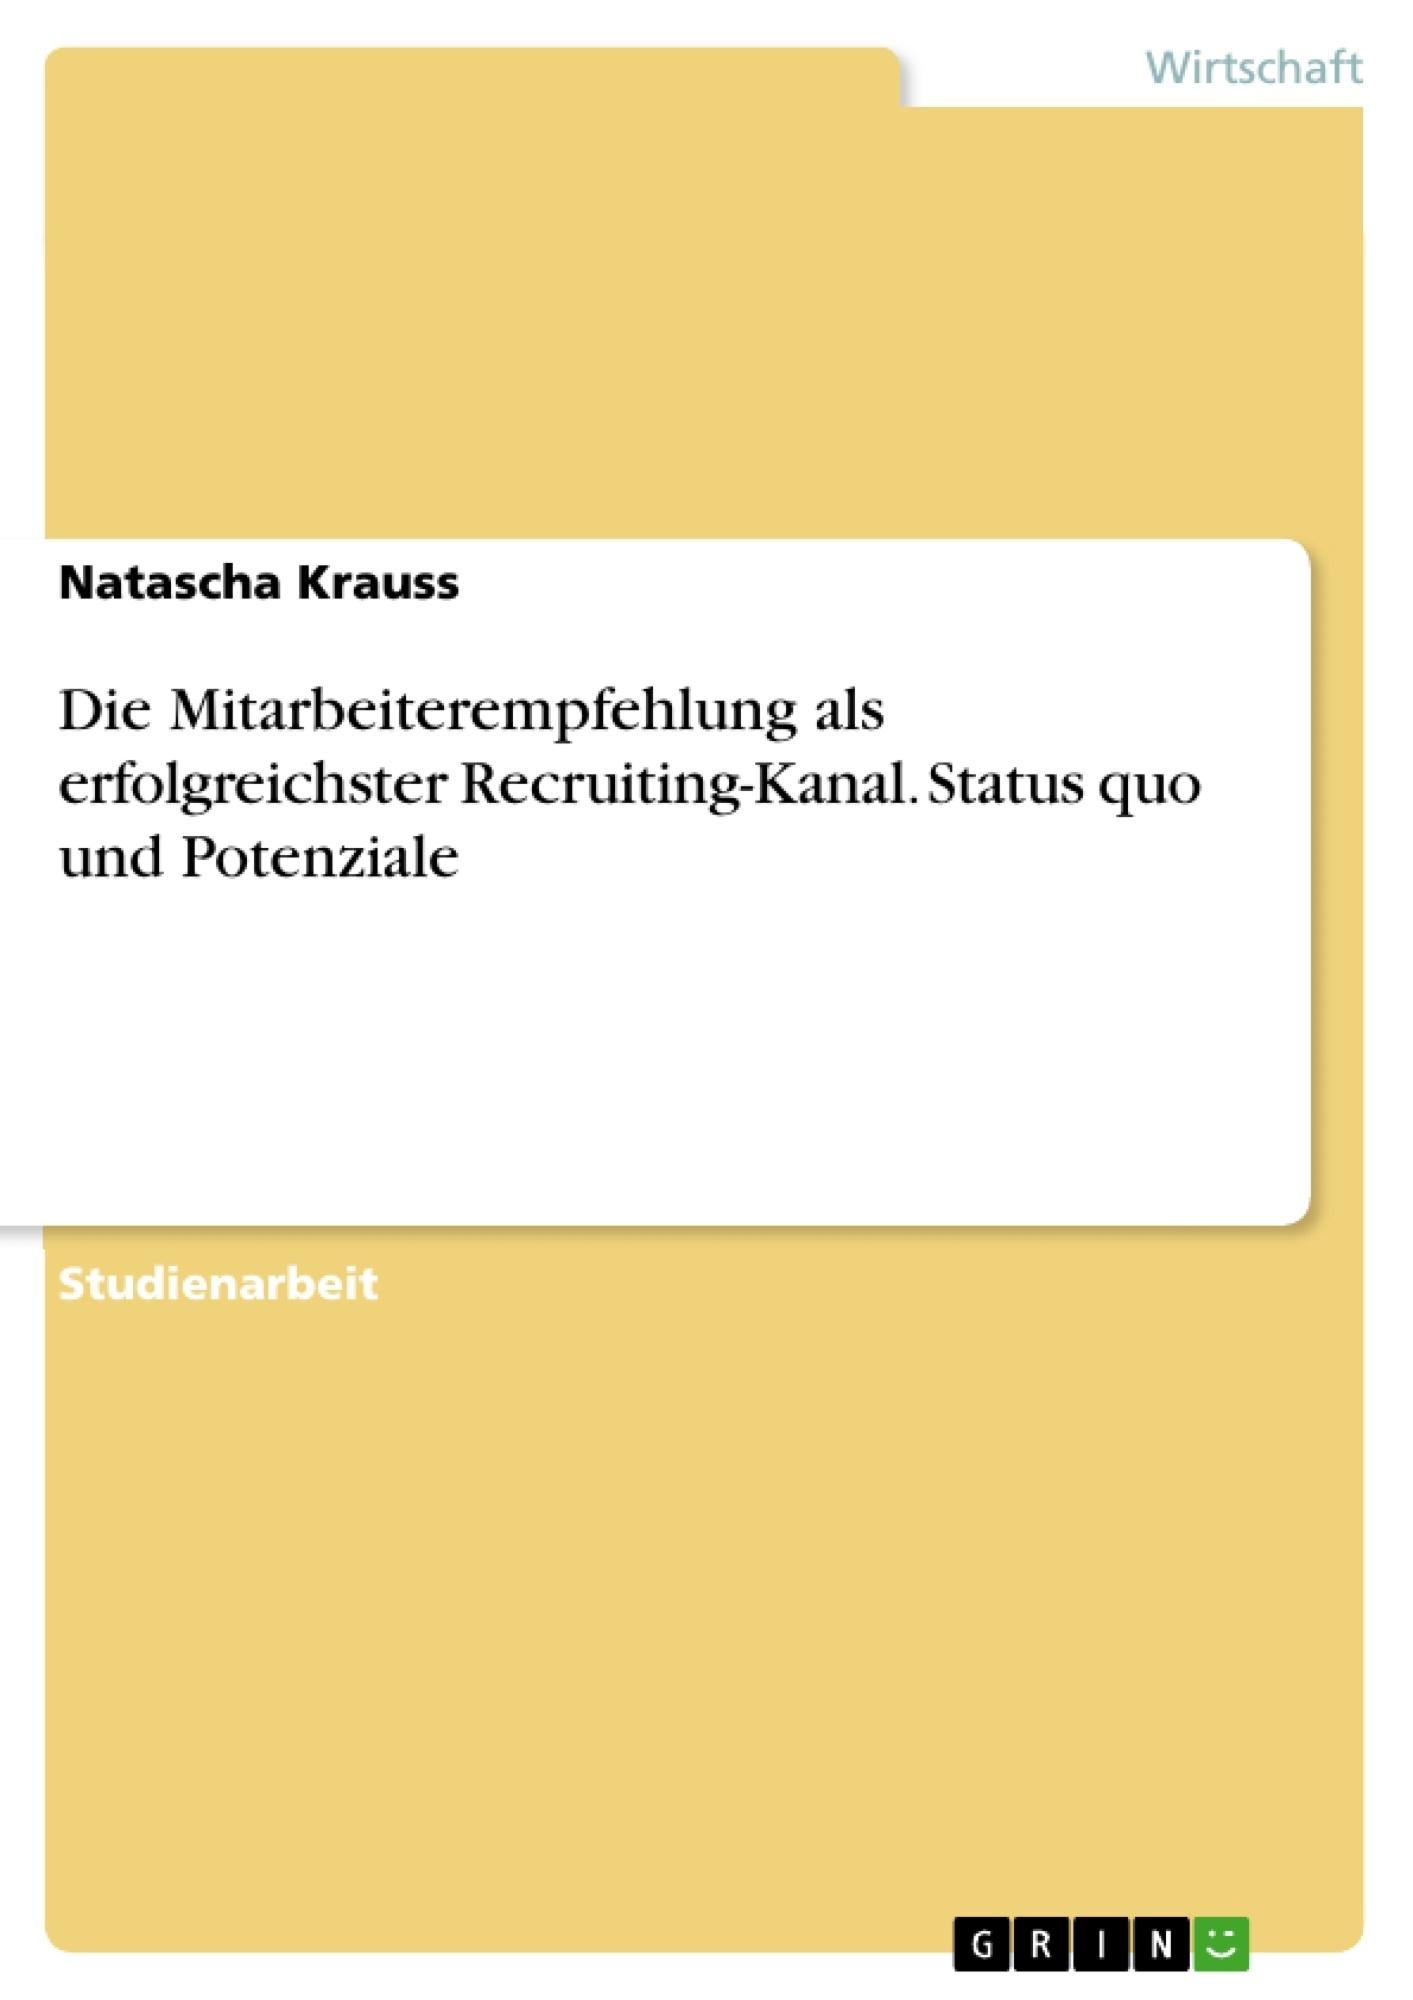 Titel: Die Mitarbeiterempfehlung als erfolgreichster Recruiting-Kanal. Status quo und Potenziale